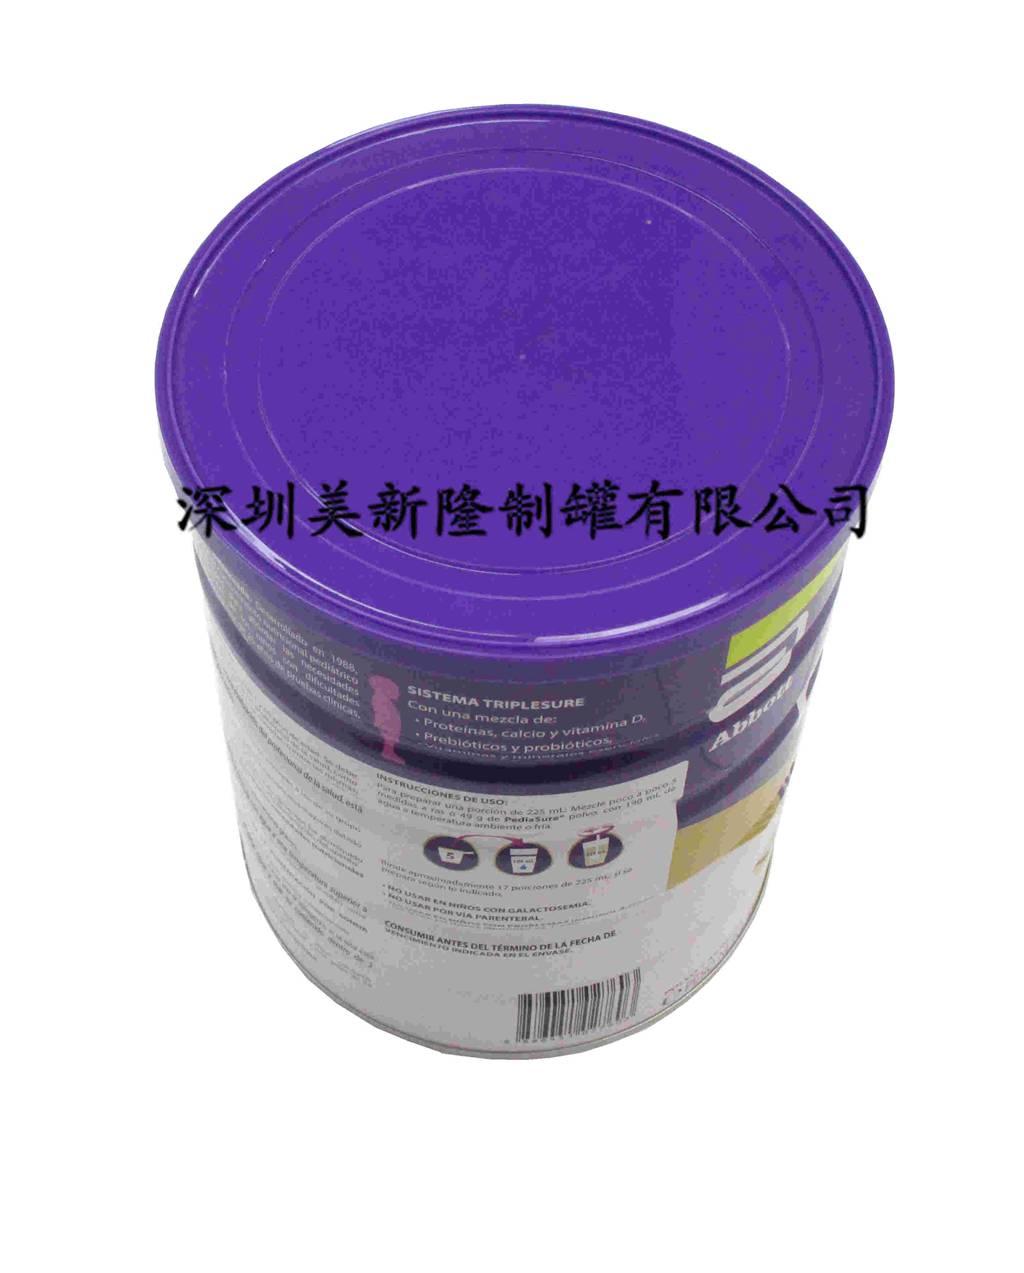 面霜铁盒客户至上 深圳美新隆制罐供应